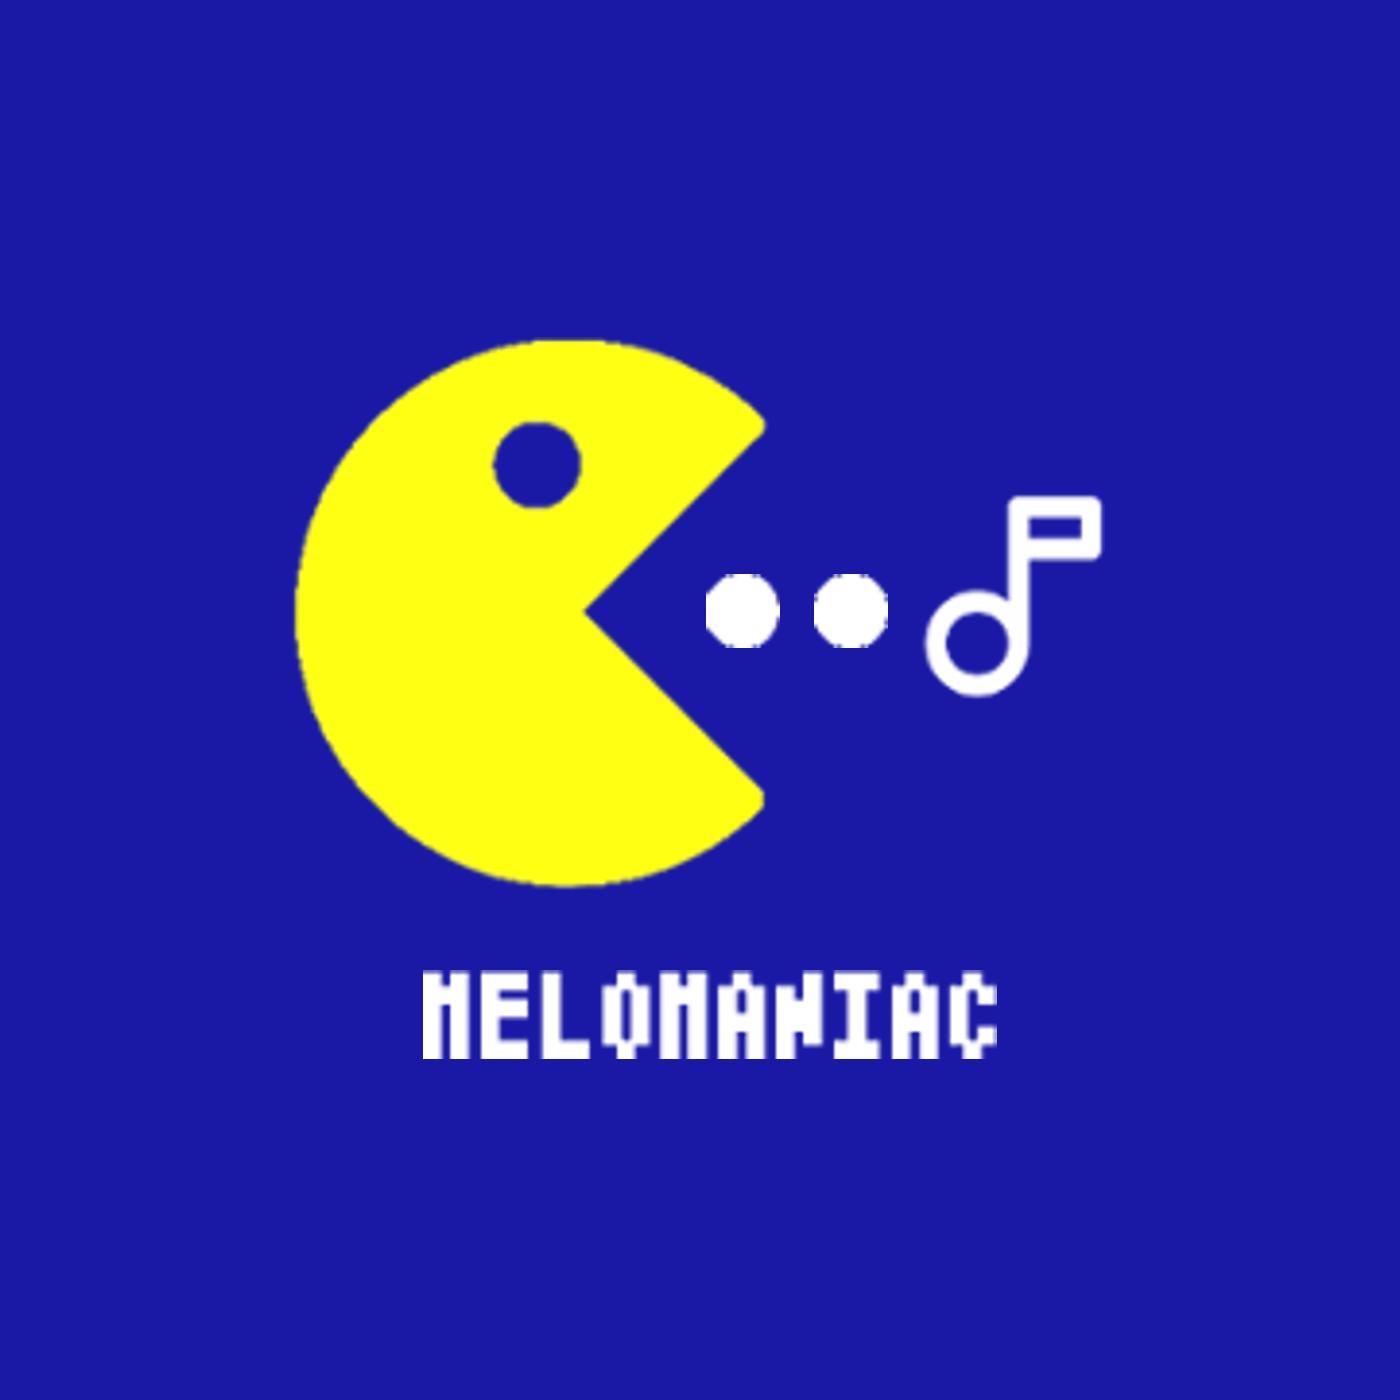 Melomaniac | ملومانیاک